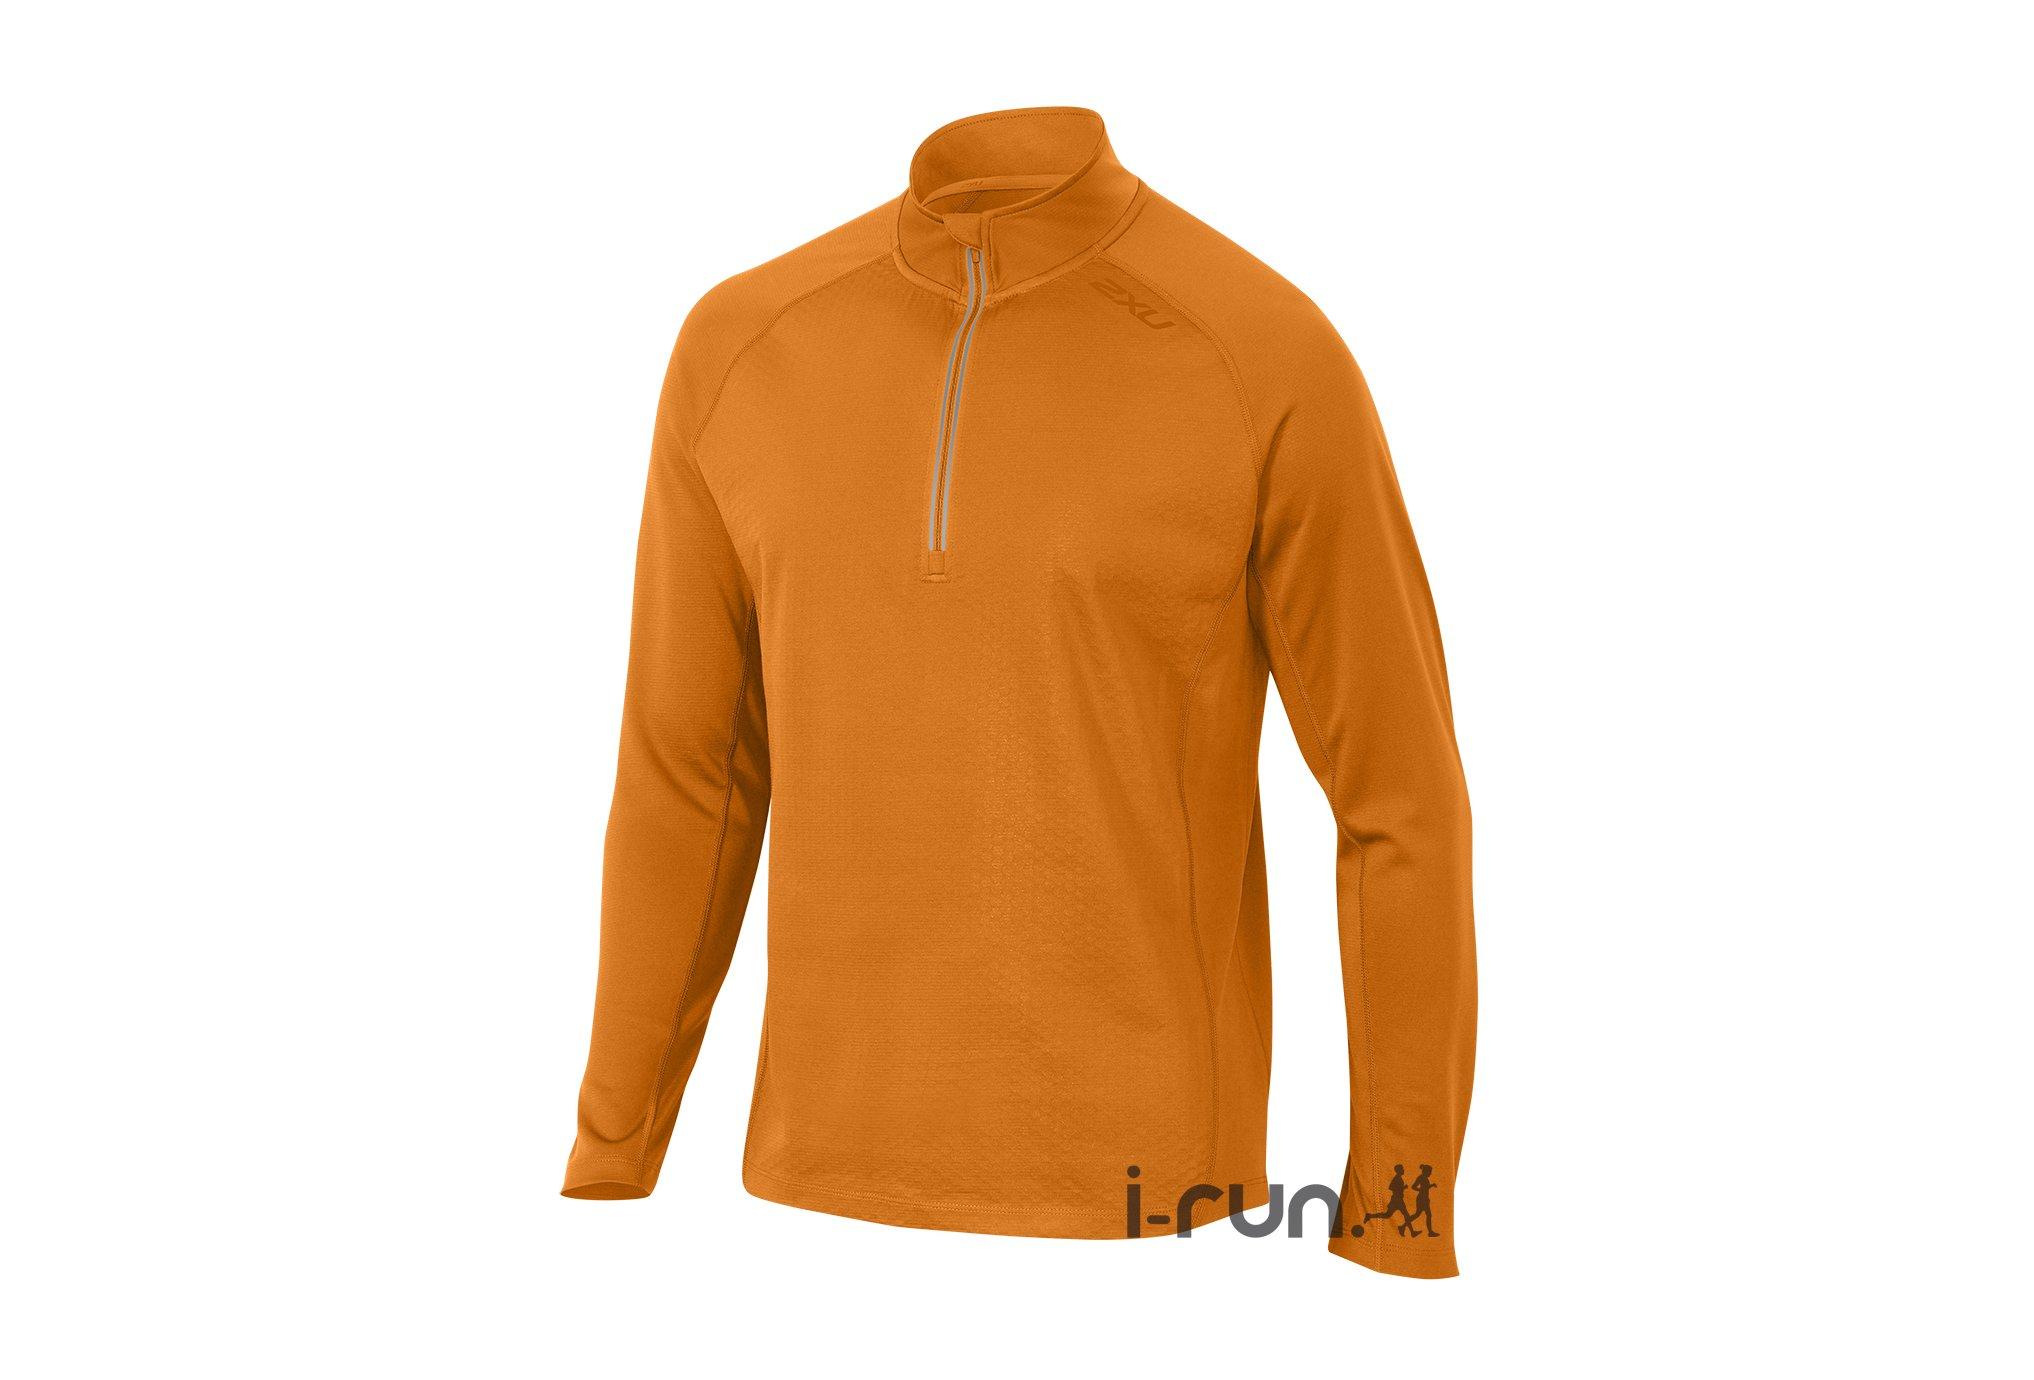 2xu Maillot ignition 1/4 zip m vêtement running homme